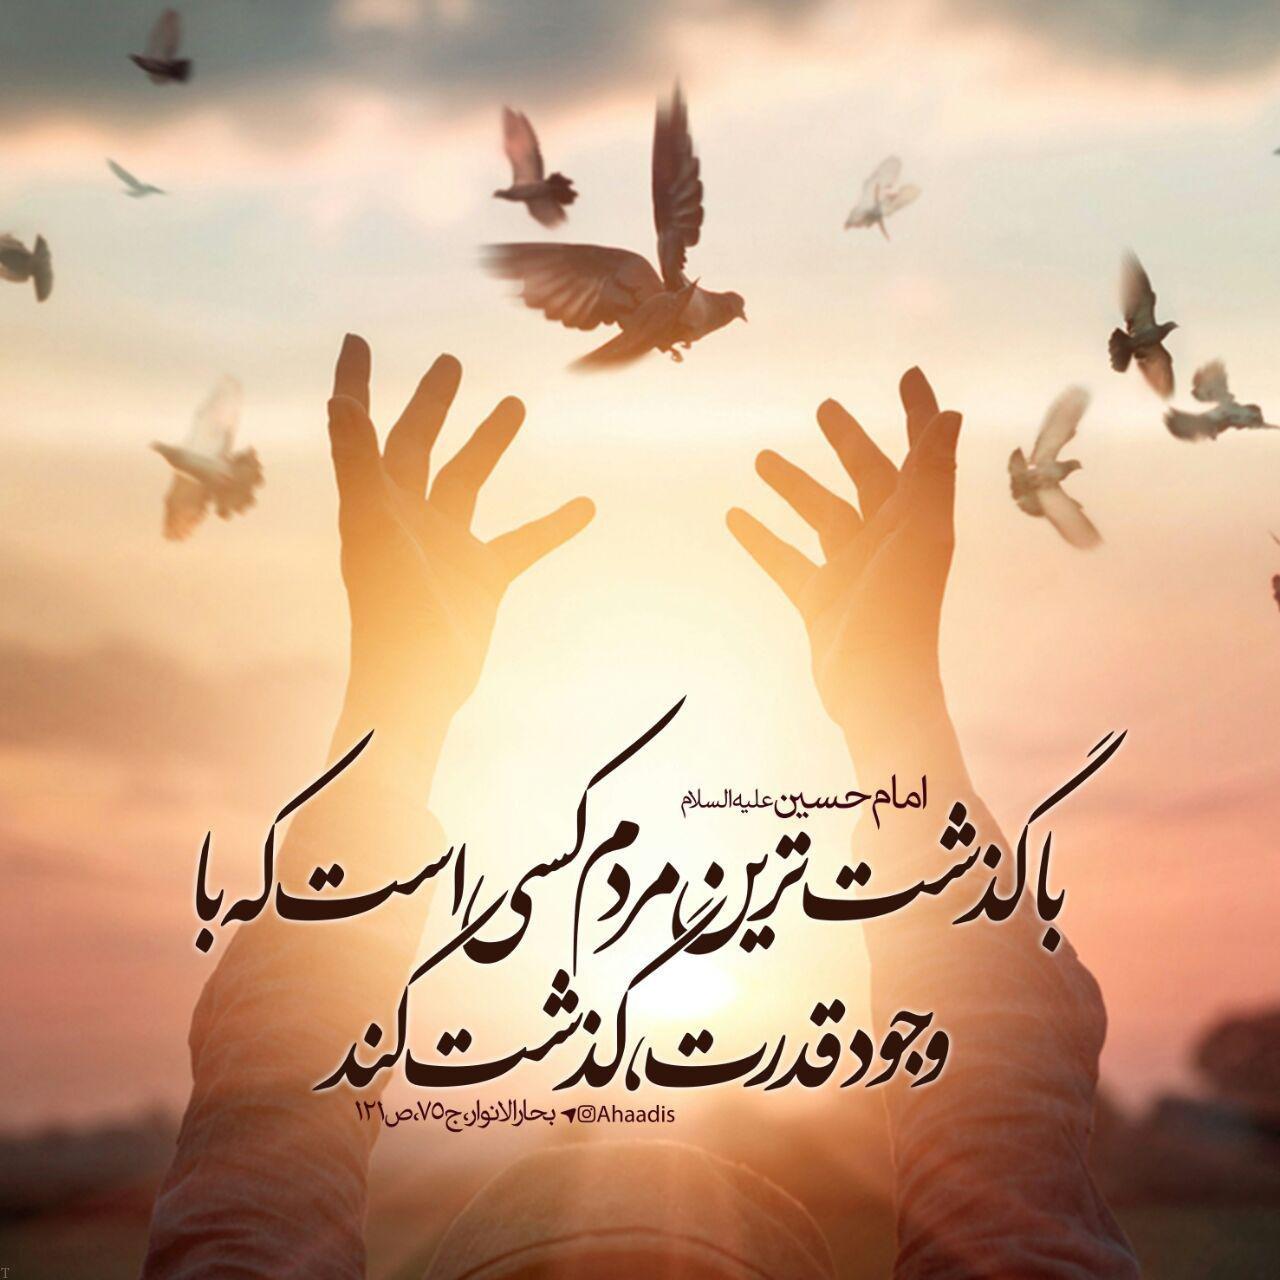 احادیث زیبا برای زندگی بهتر + احادیث آرامش بخش